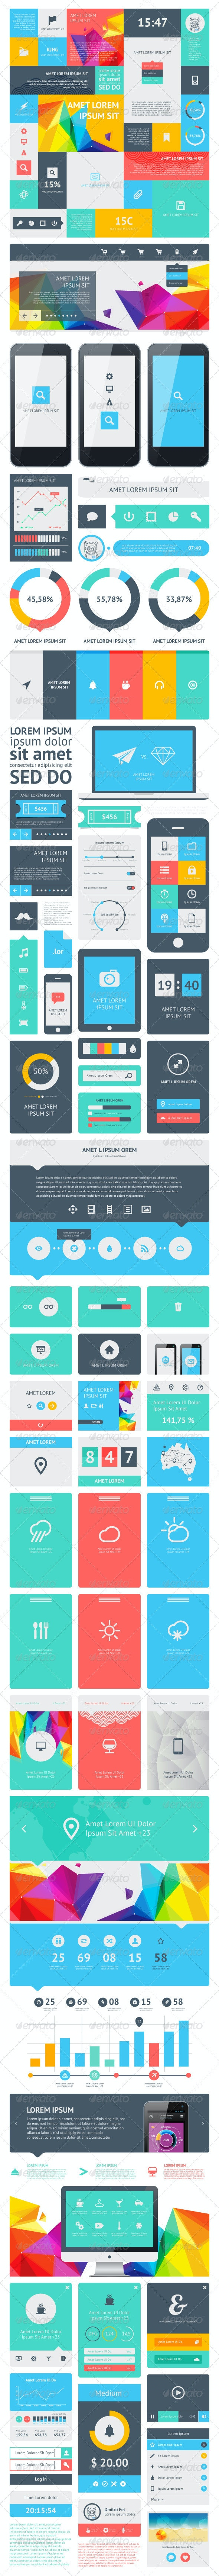 UI Set Components Featuring Flat Design - Web Elements Vectors